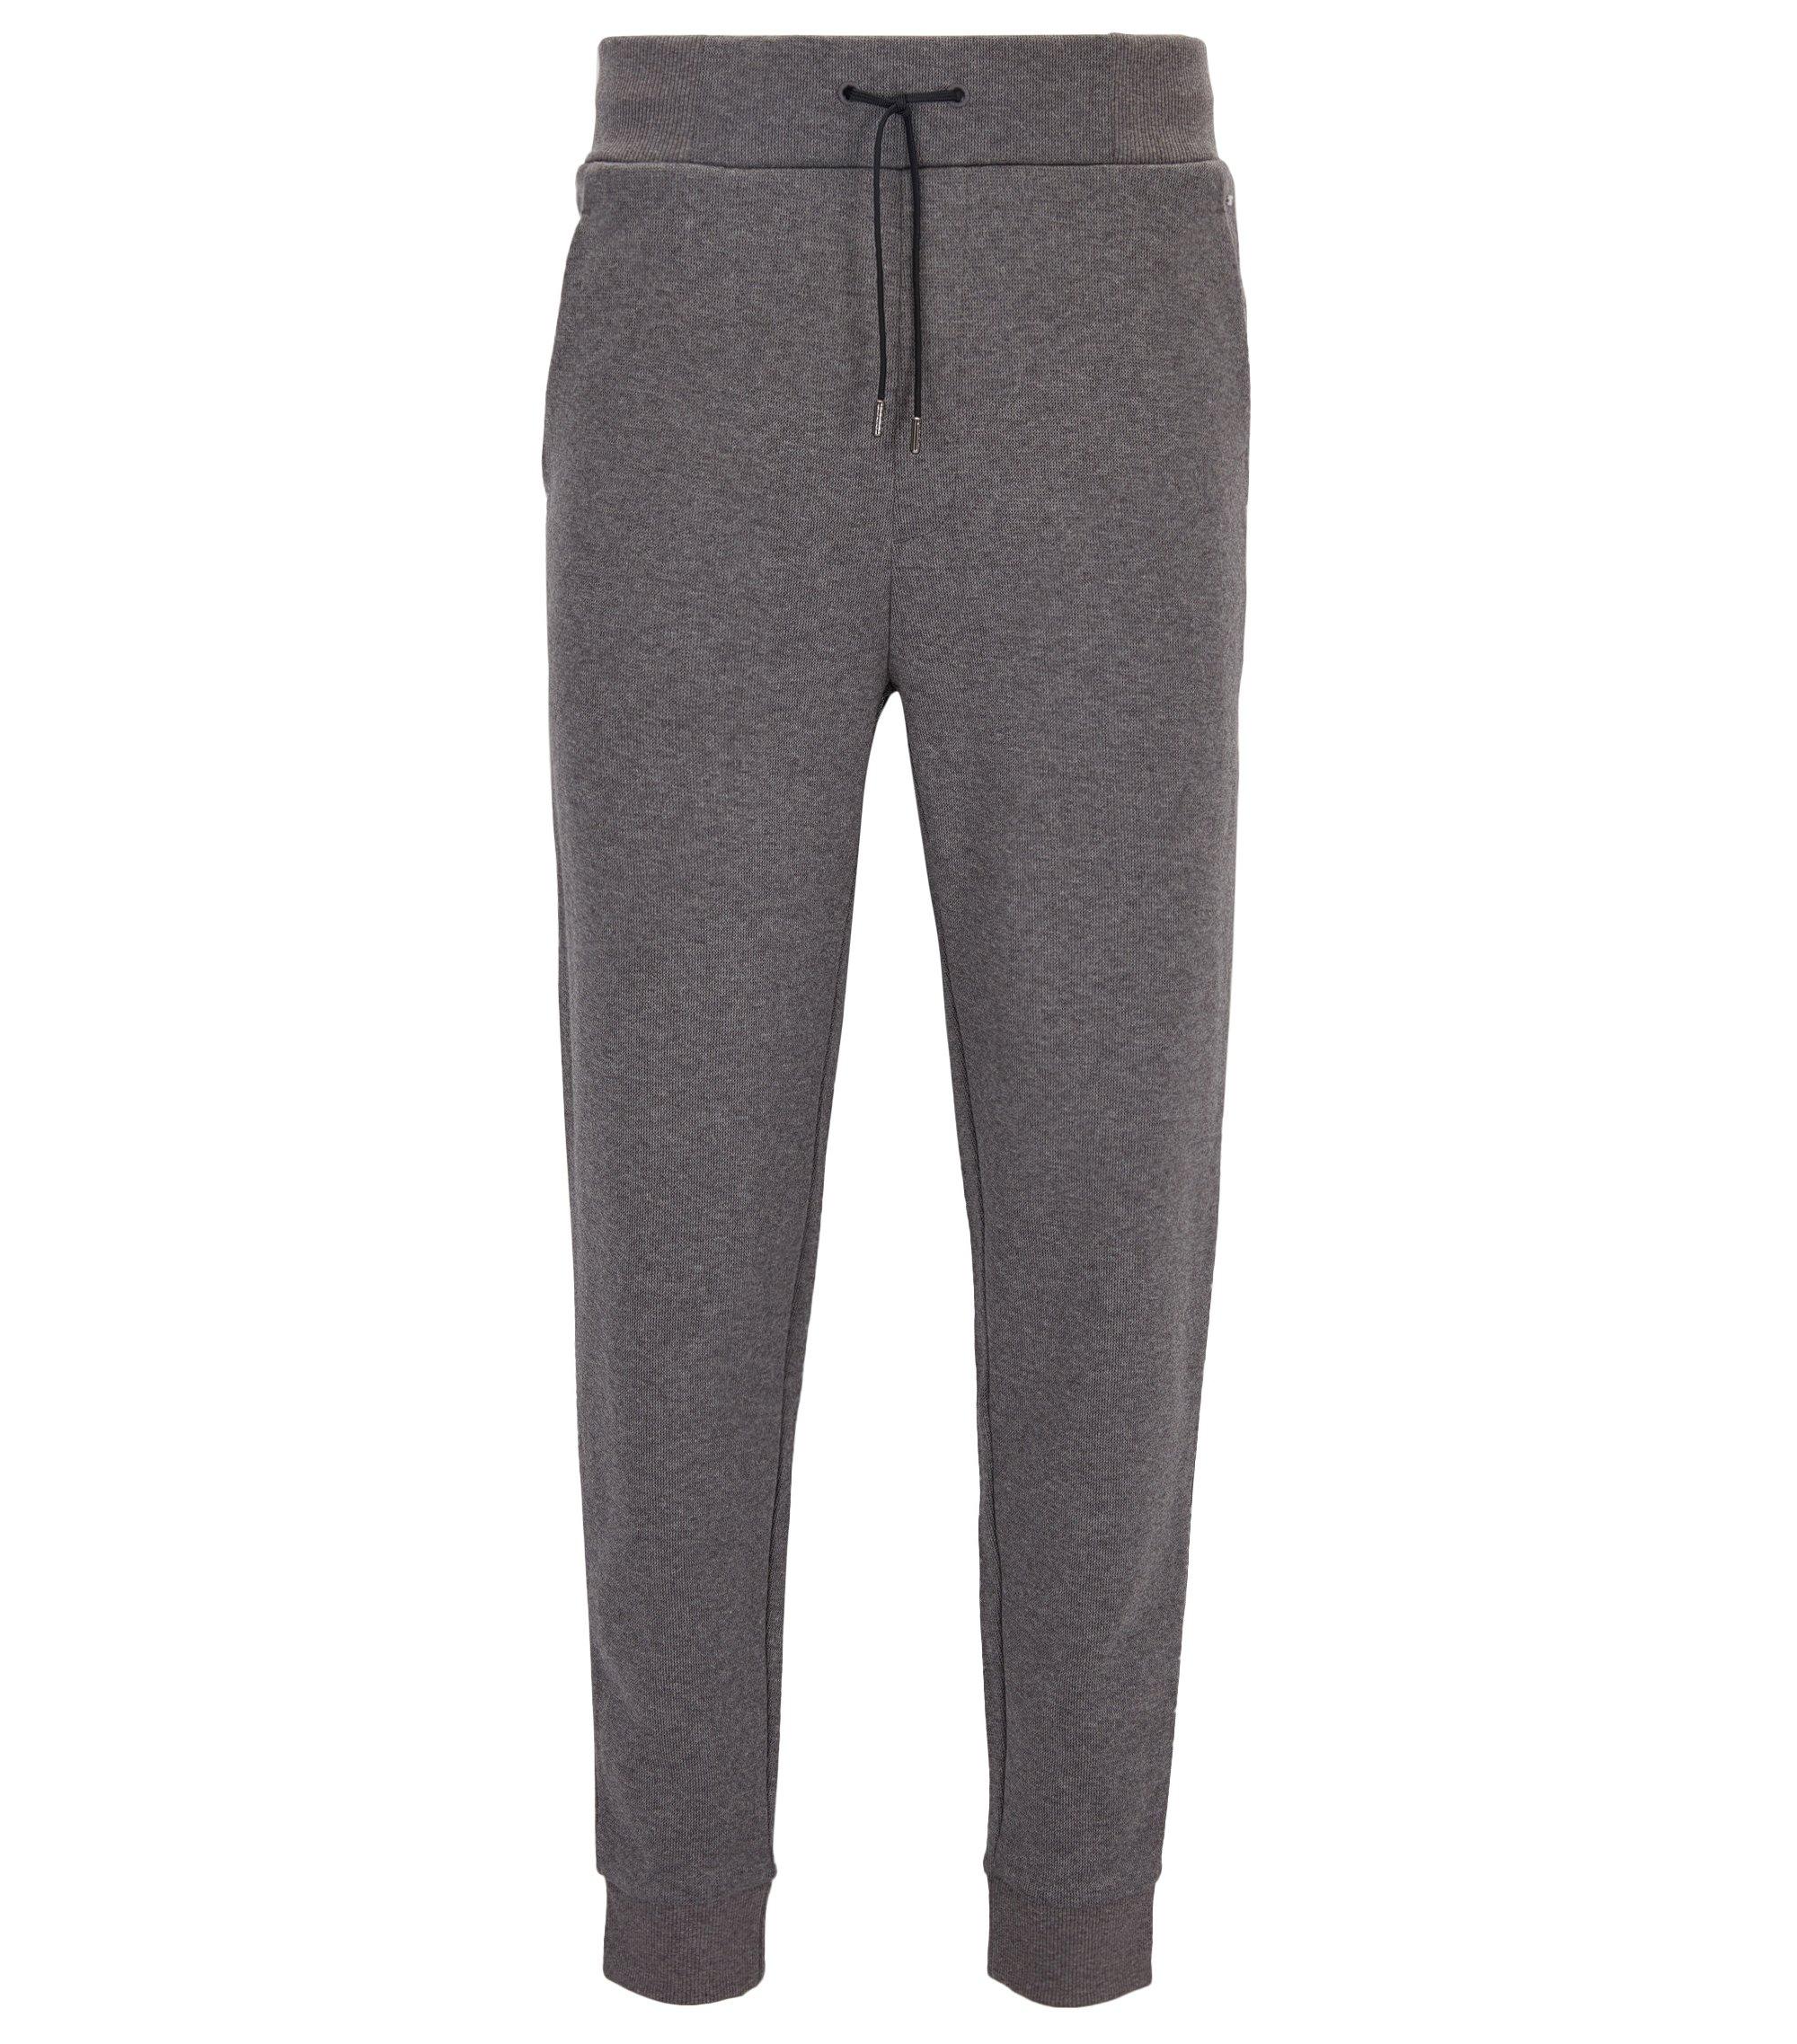 Relaxed-Fit Hose aus geripptem Baumwoll-Jersey, Grau